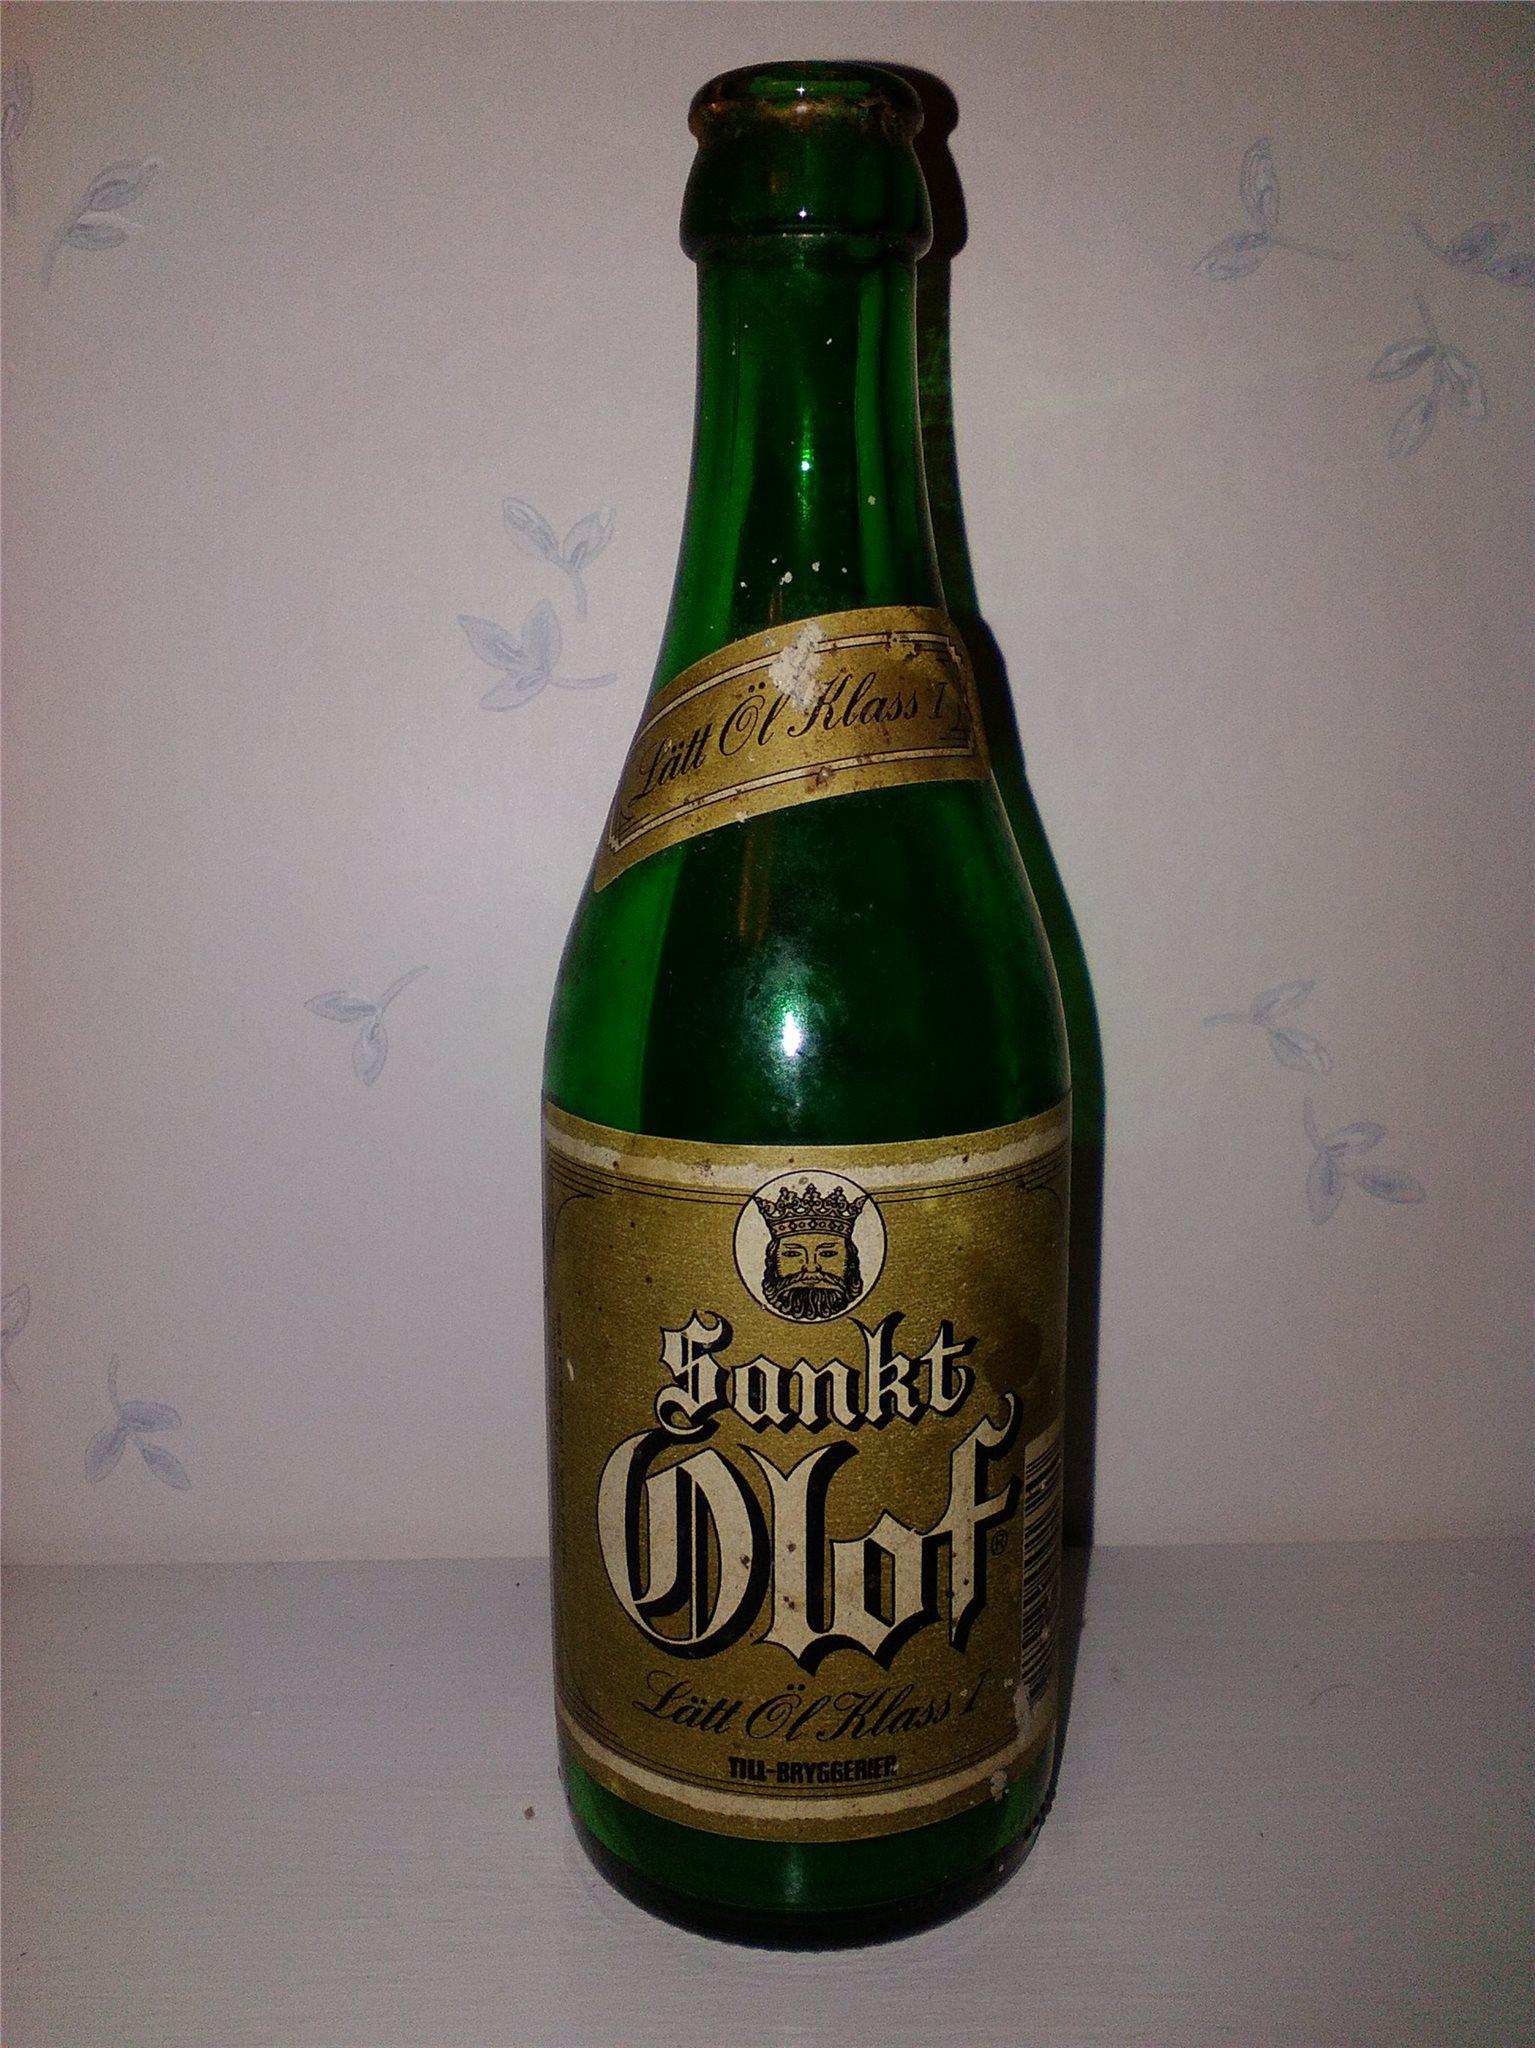 Bildresultat för St Olof öl bilder